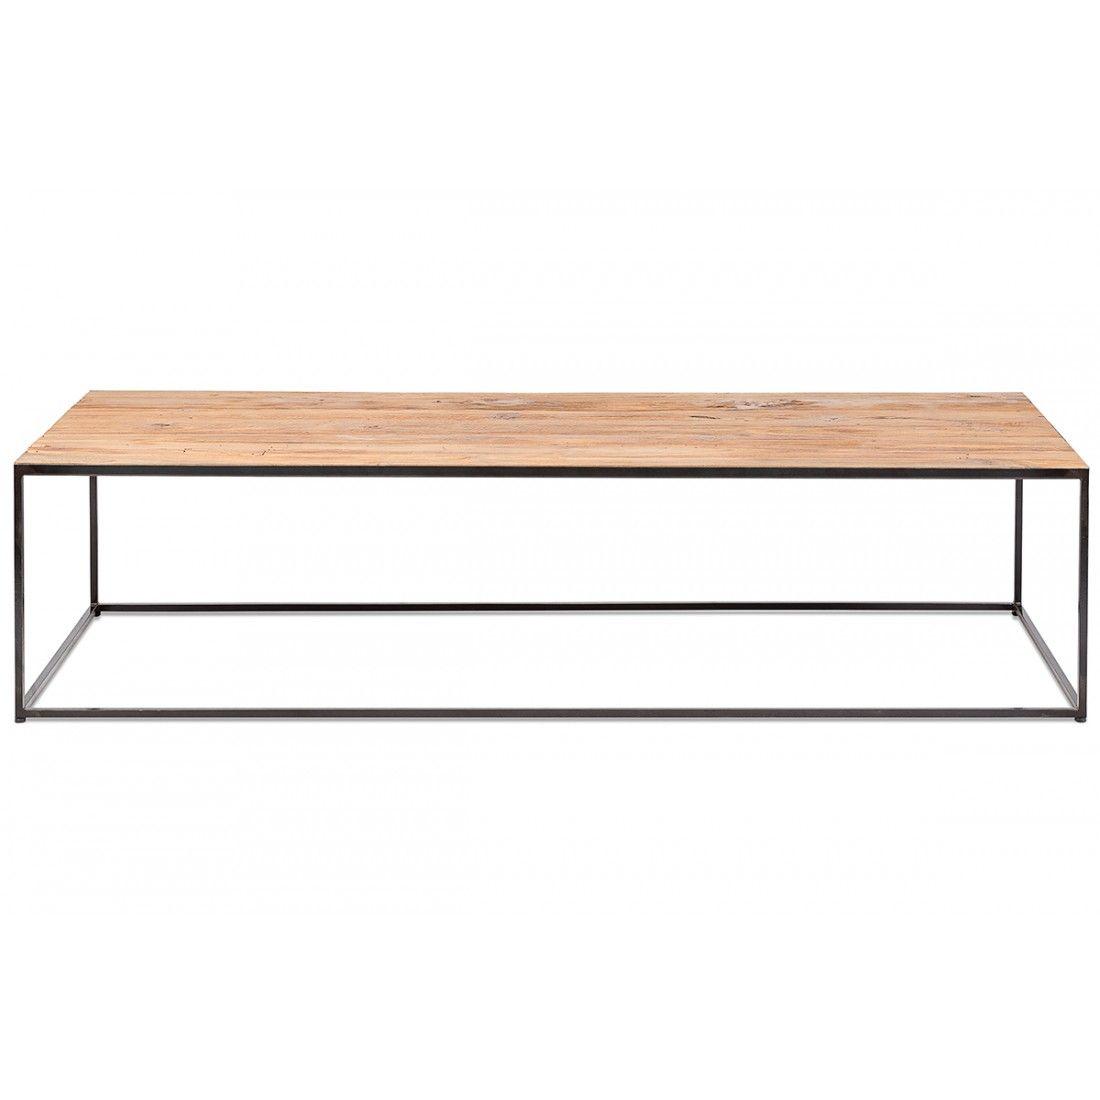 Table basse en métal et plateau en teck ancien 120x60 cm